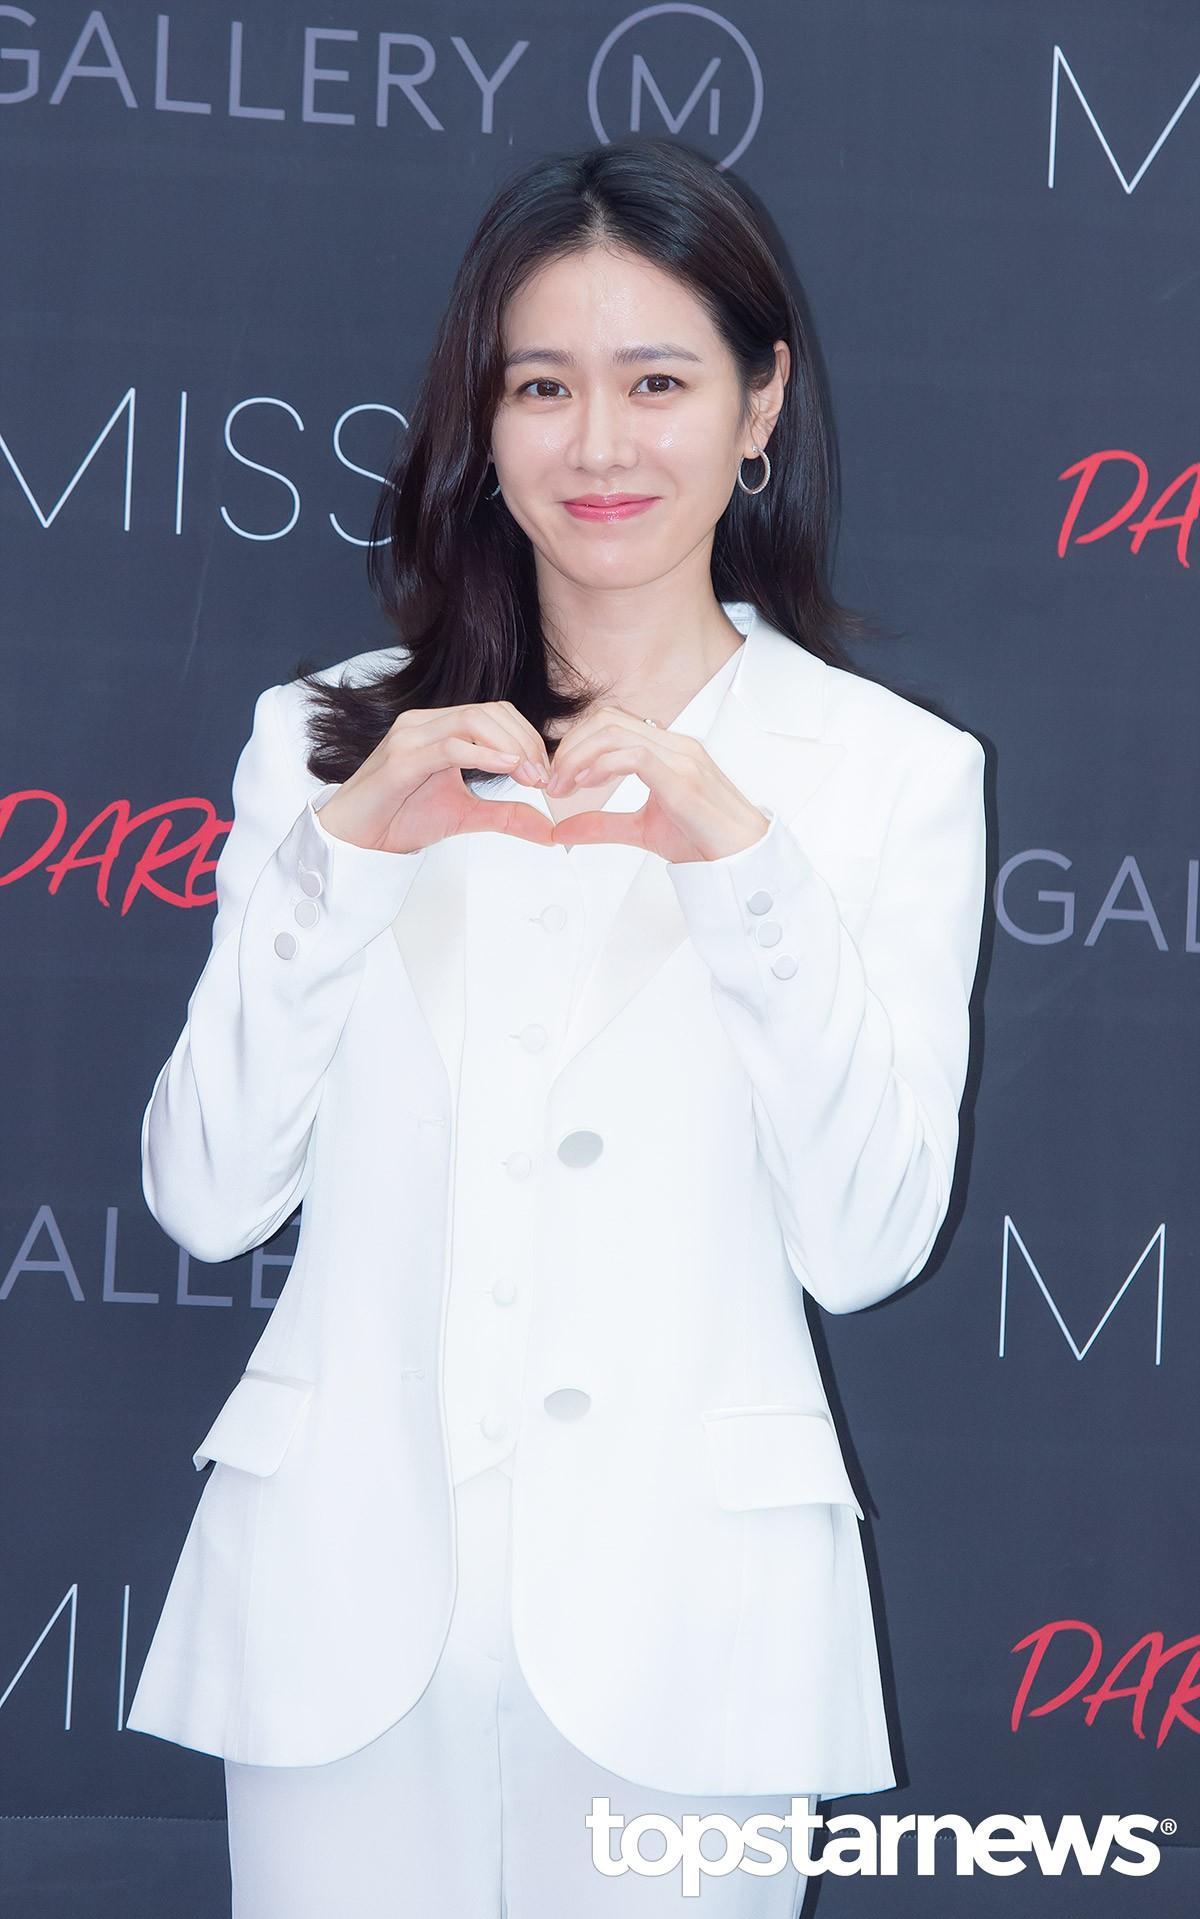 Son Ye Jin chiếm hết spotlight, nhưng mỹ nhân 2 lần đứng đầu top 100 gương mặt đẹp nhất thế giới còn xuất sắc hơn - Ảnh 5.